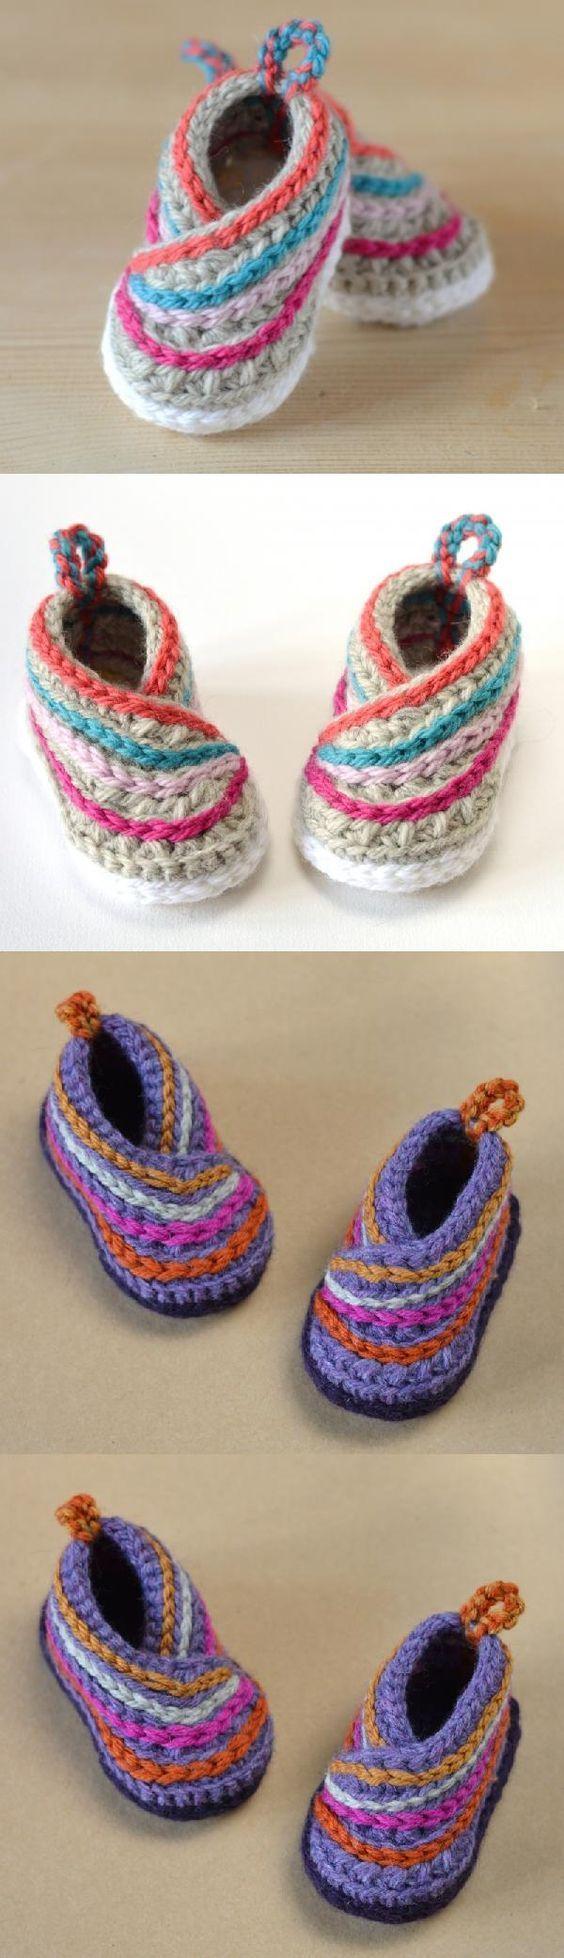 Crochet Kimono Baby Shoes Are Super Cute